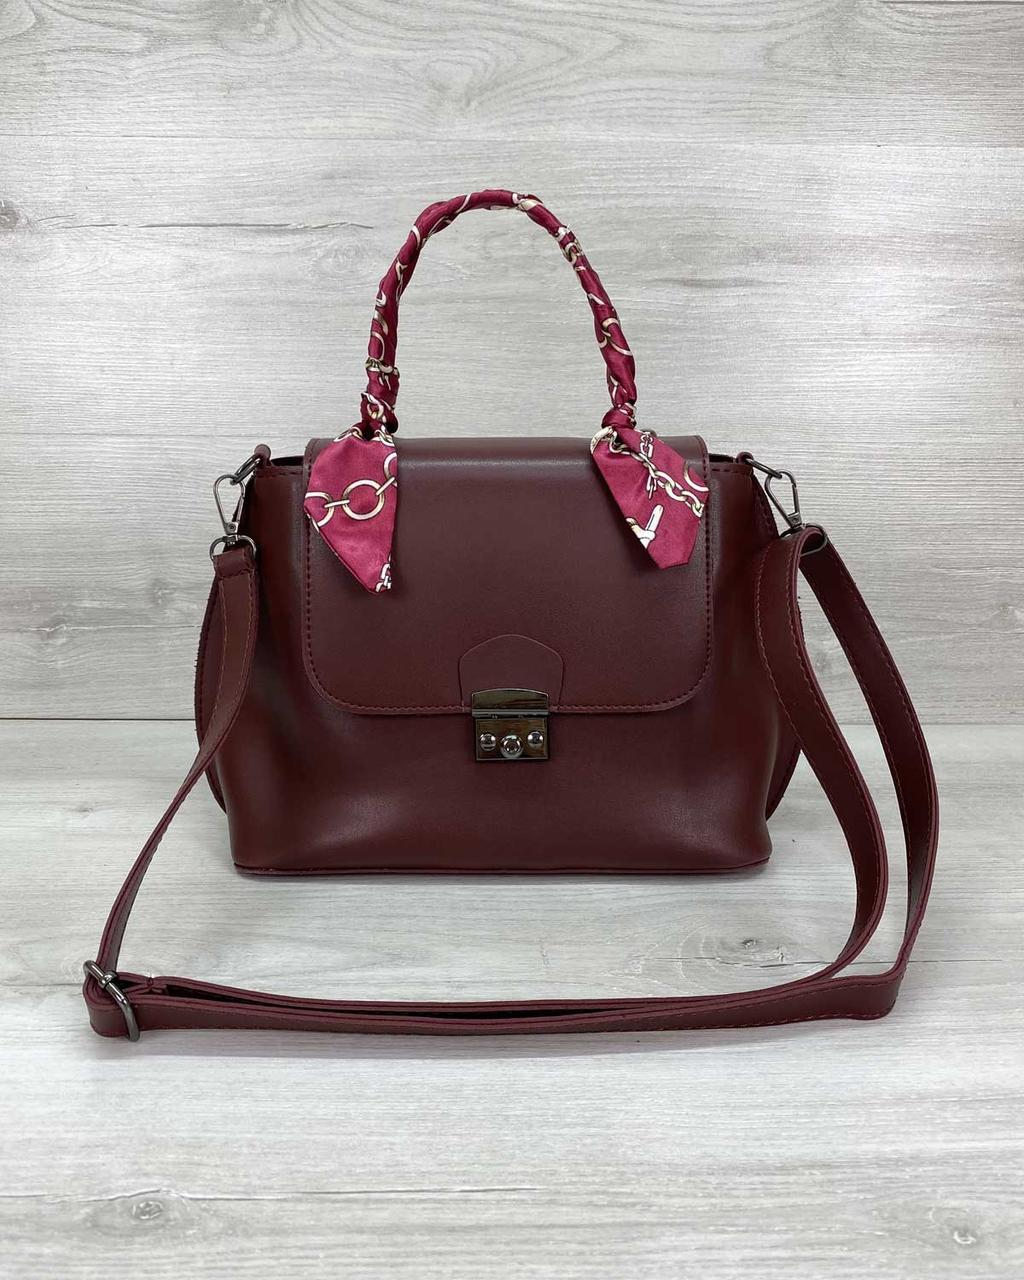 Стильная женская сумка клатч, стильный клатч, женская сумочка «Лиам» бордовая